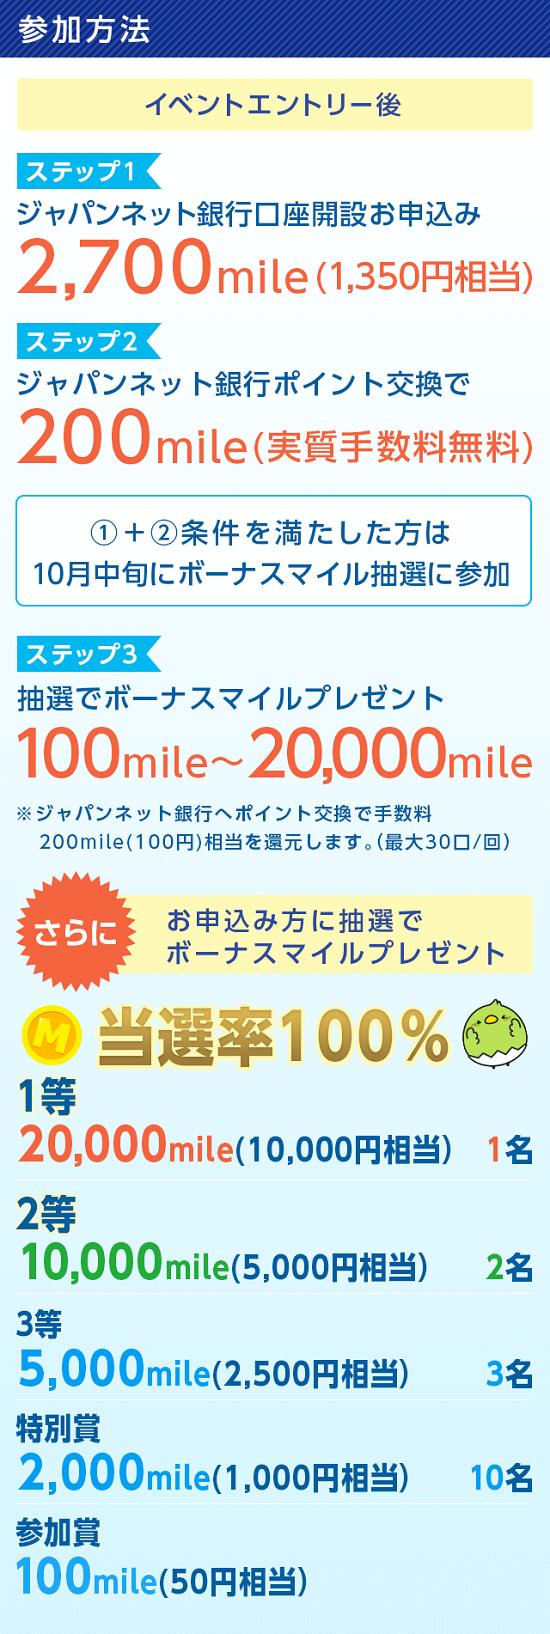 すぐたま ジャパンネット銀行応援キャンペーン ボーナスマイル